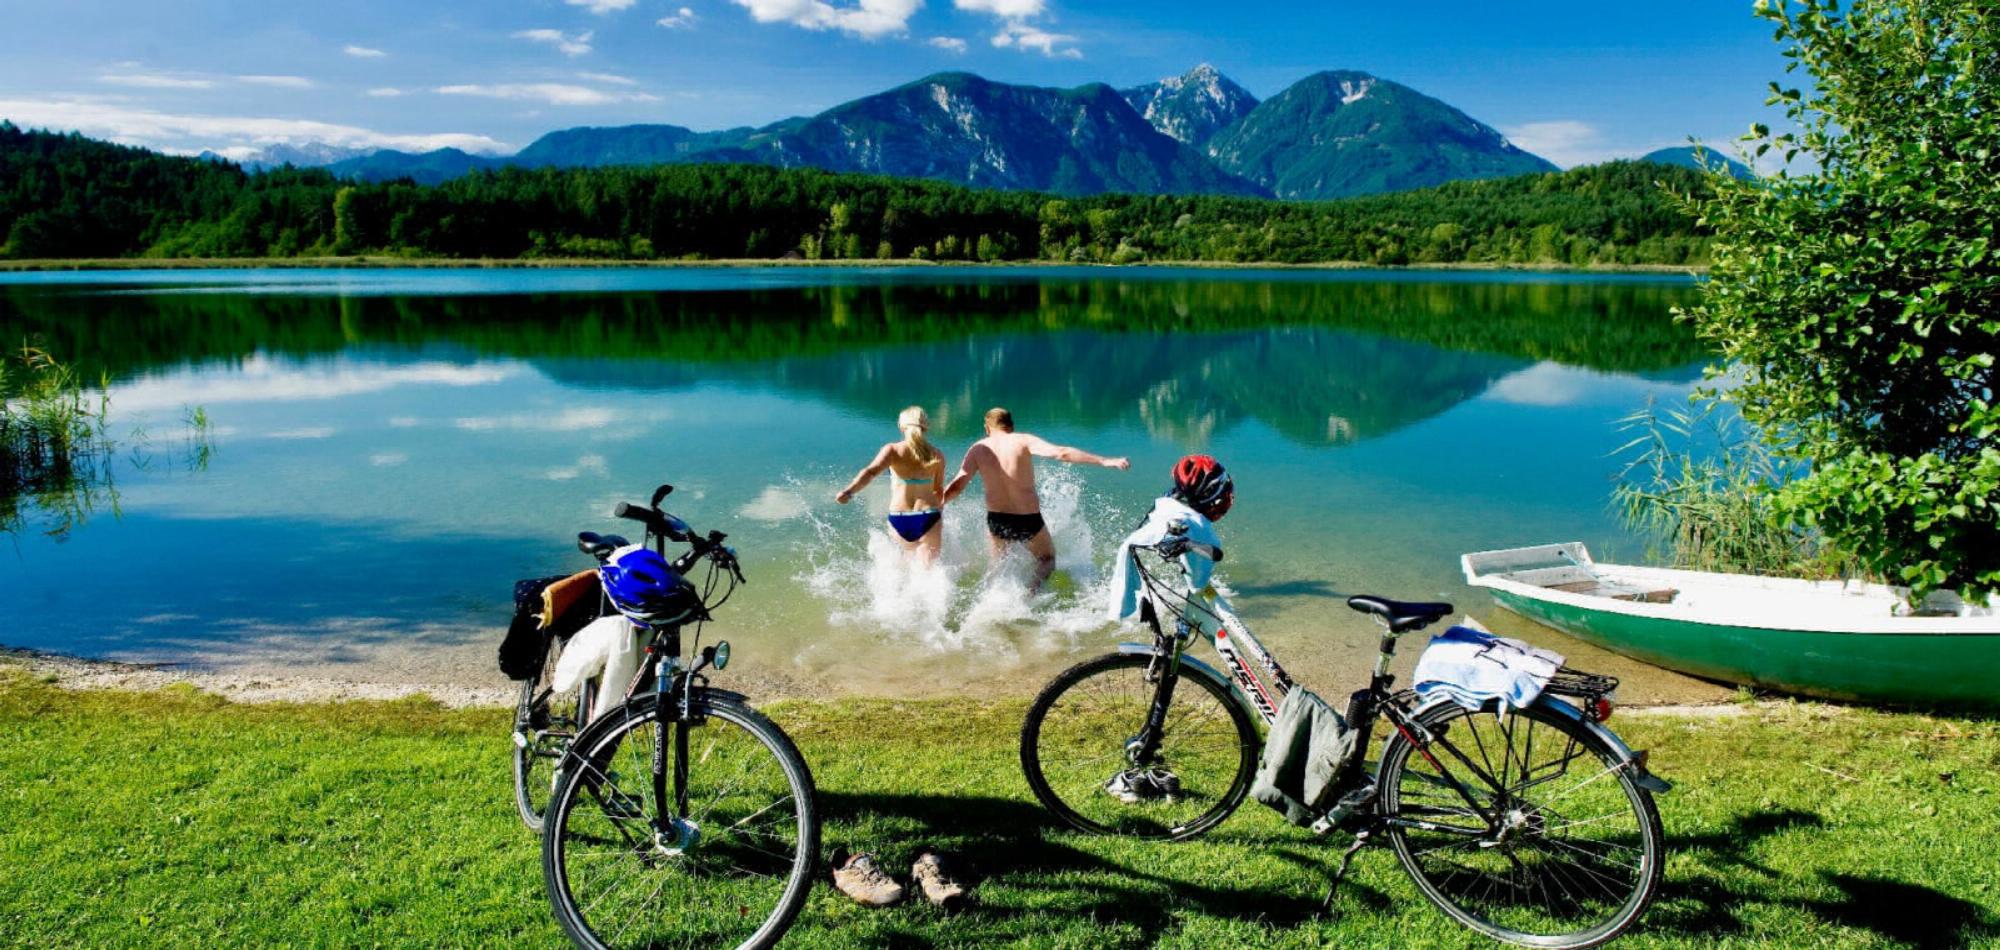 Radfahren mit Badespaß